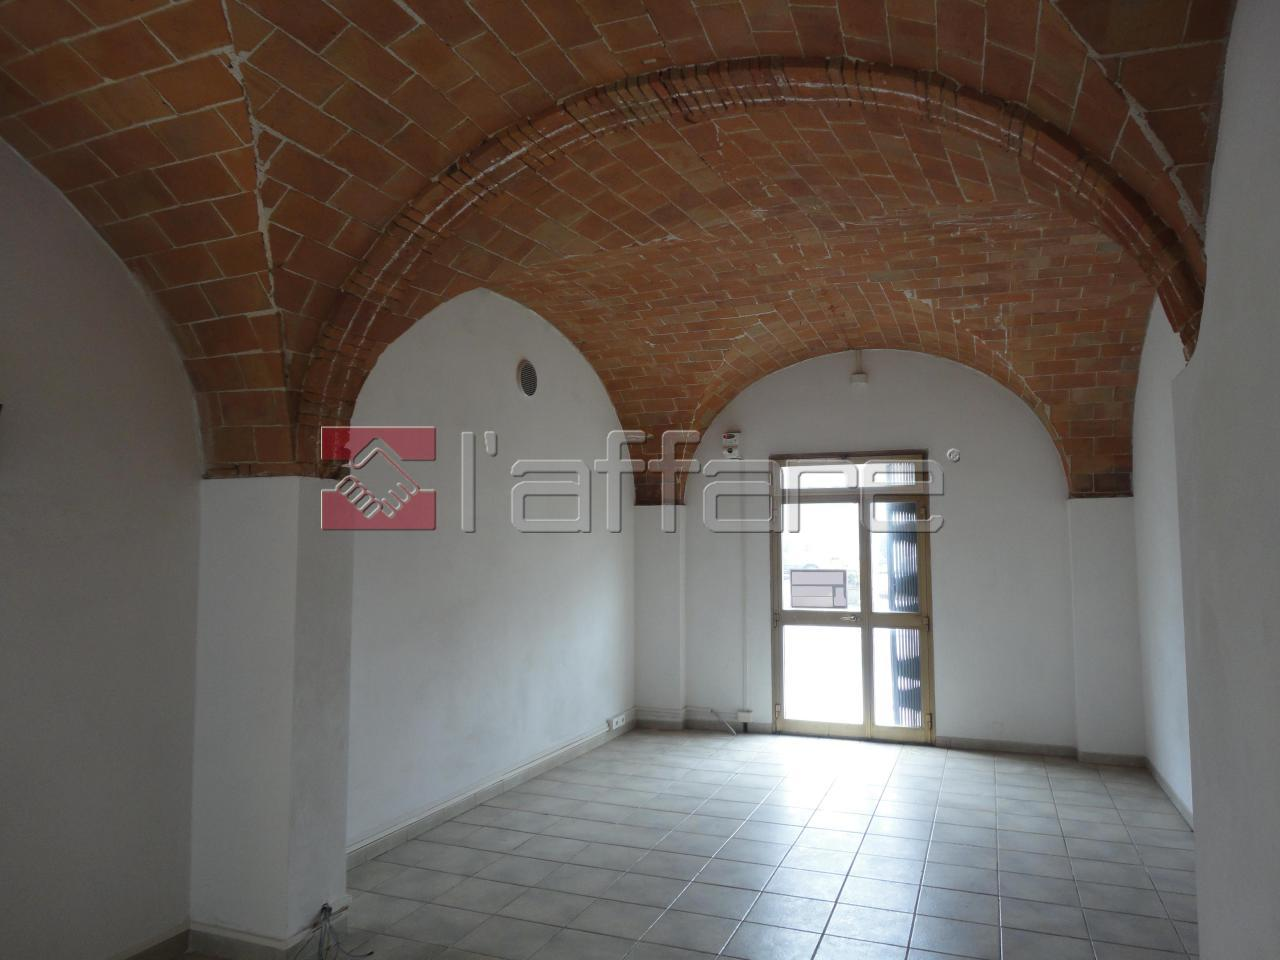 Negozio / Locale in affitto a Casciana Terme Lari, 1 locali, prezzo € 400 | Cambio Casa.it